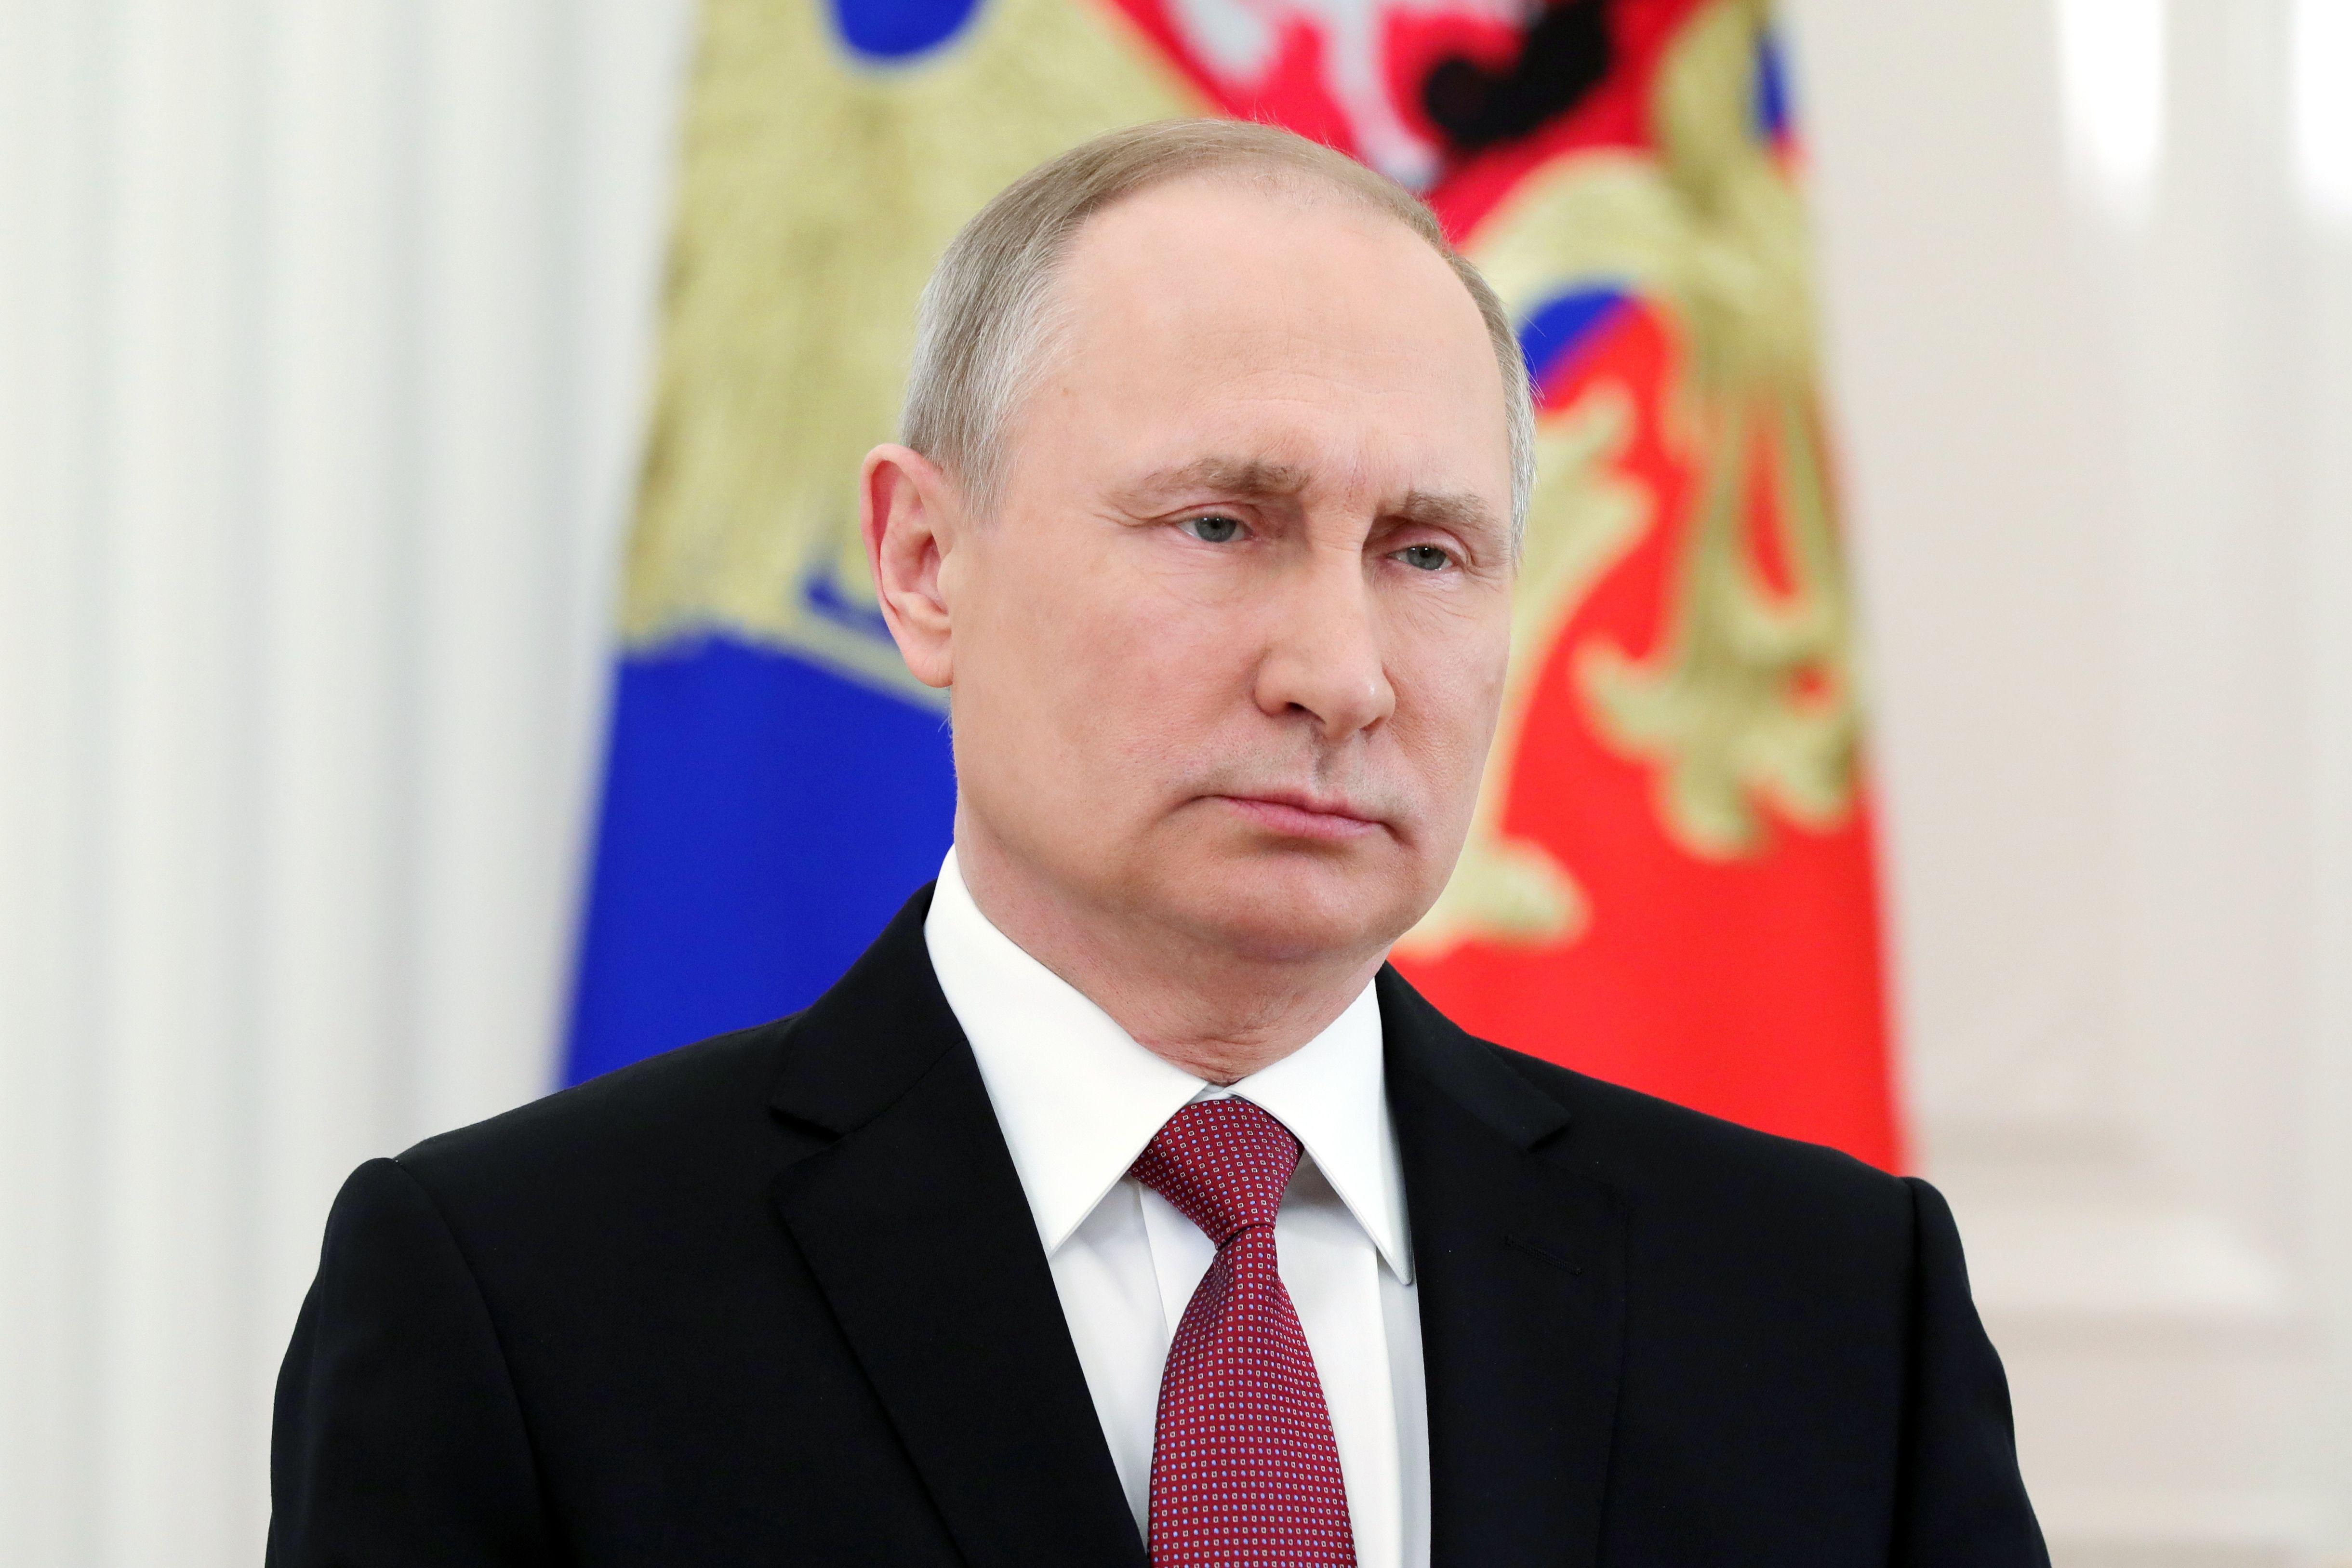 EUA e países europeus anunciam expulsão de diplomatas russos